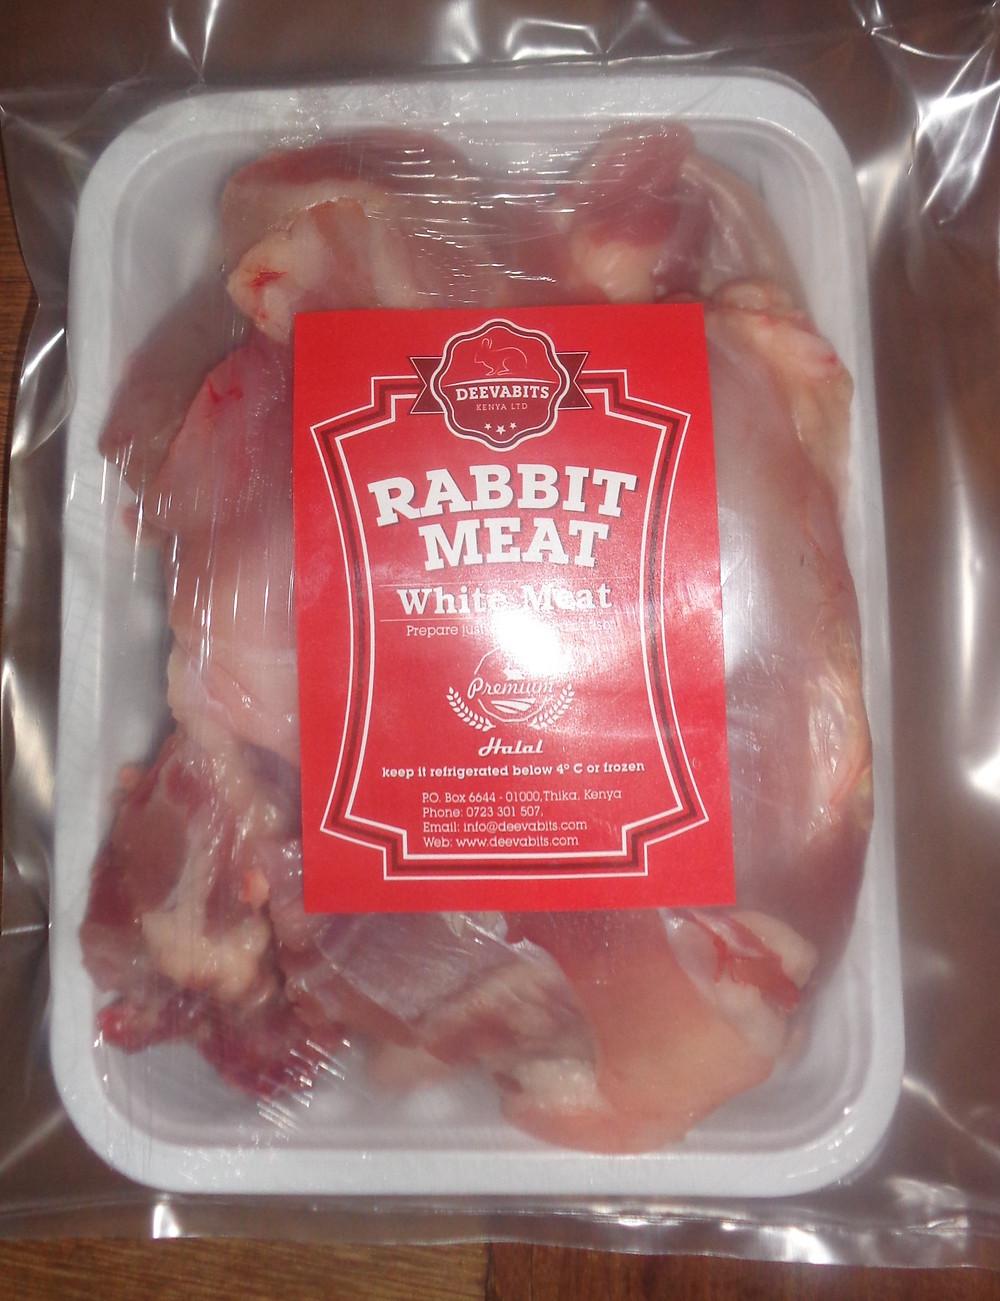 Deevabits Rabbit Meat Packaging.jpg